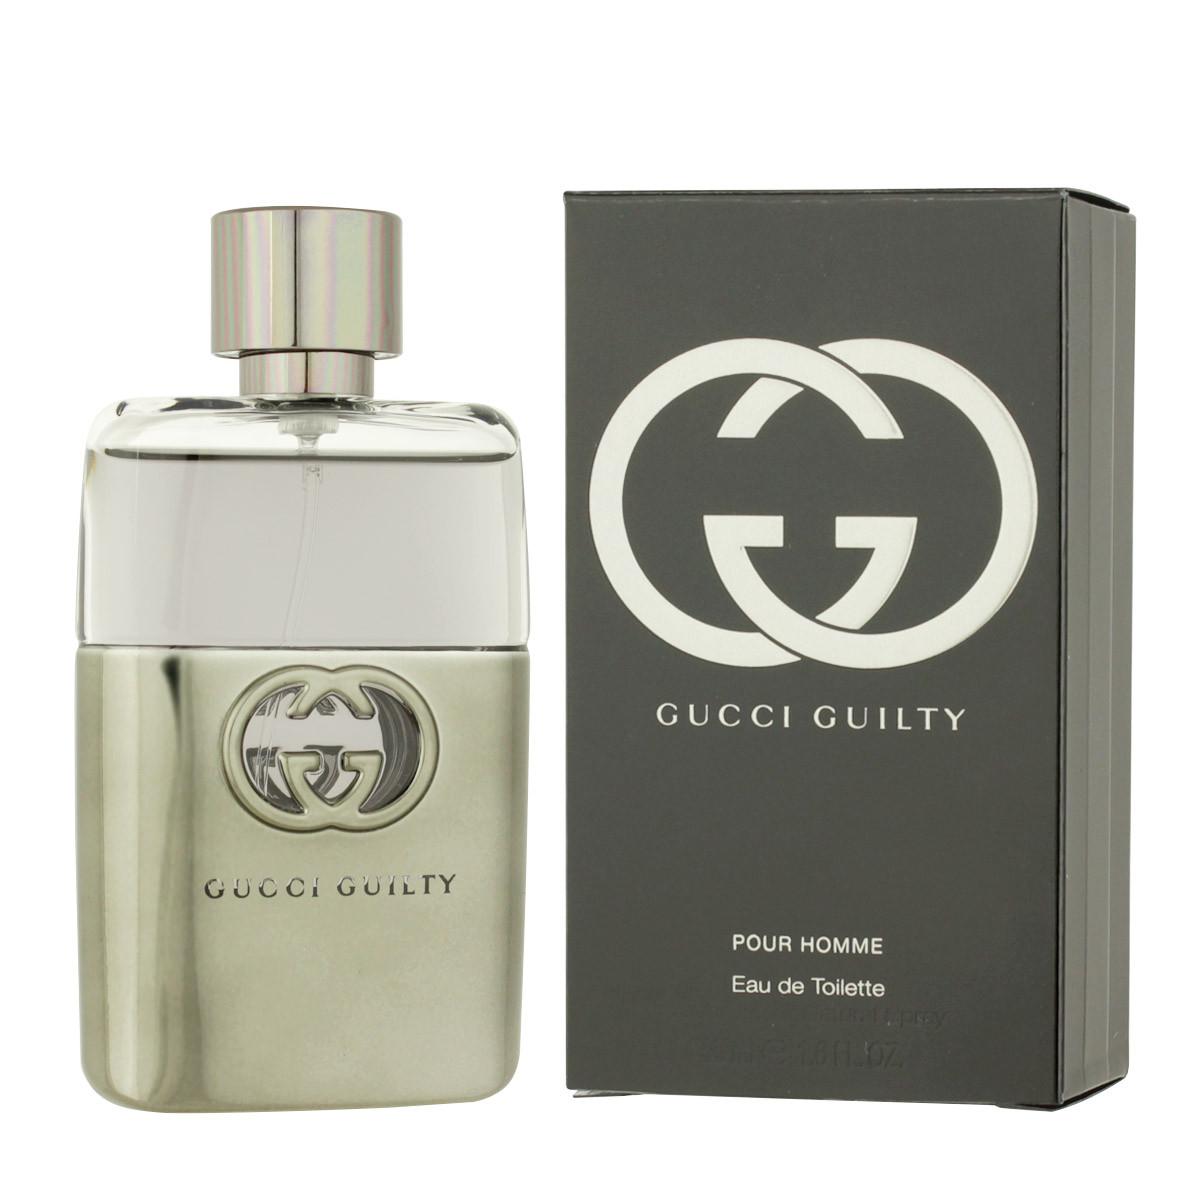 Gucci Guilty Pour Homme Eau de Toilette (uomo) 50 ml - Guilty Pour ... b002061409ef